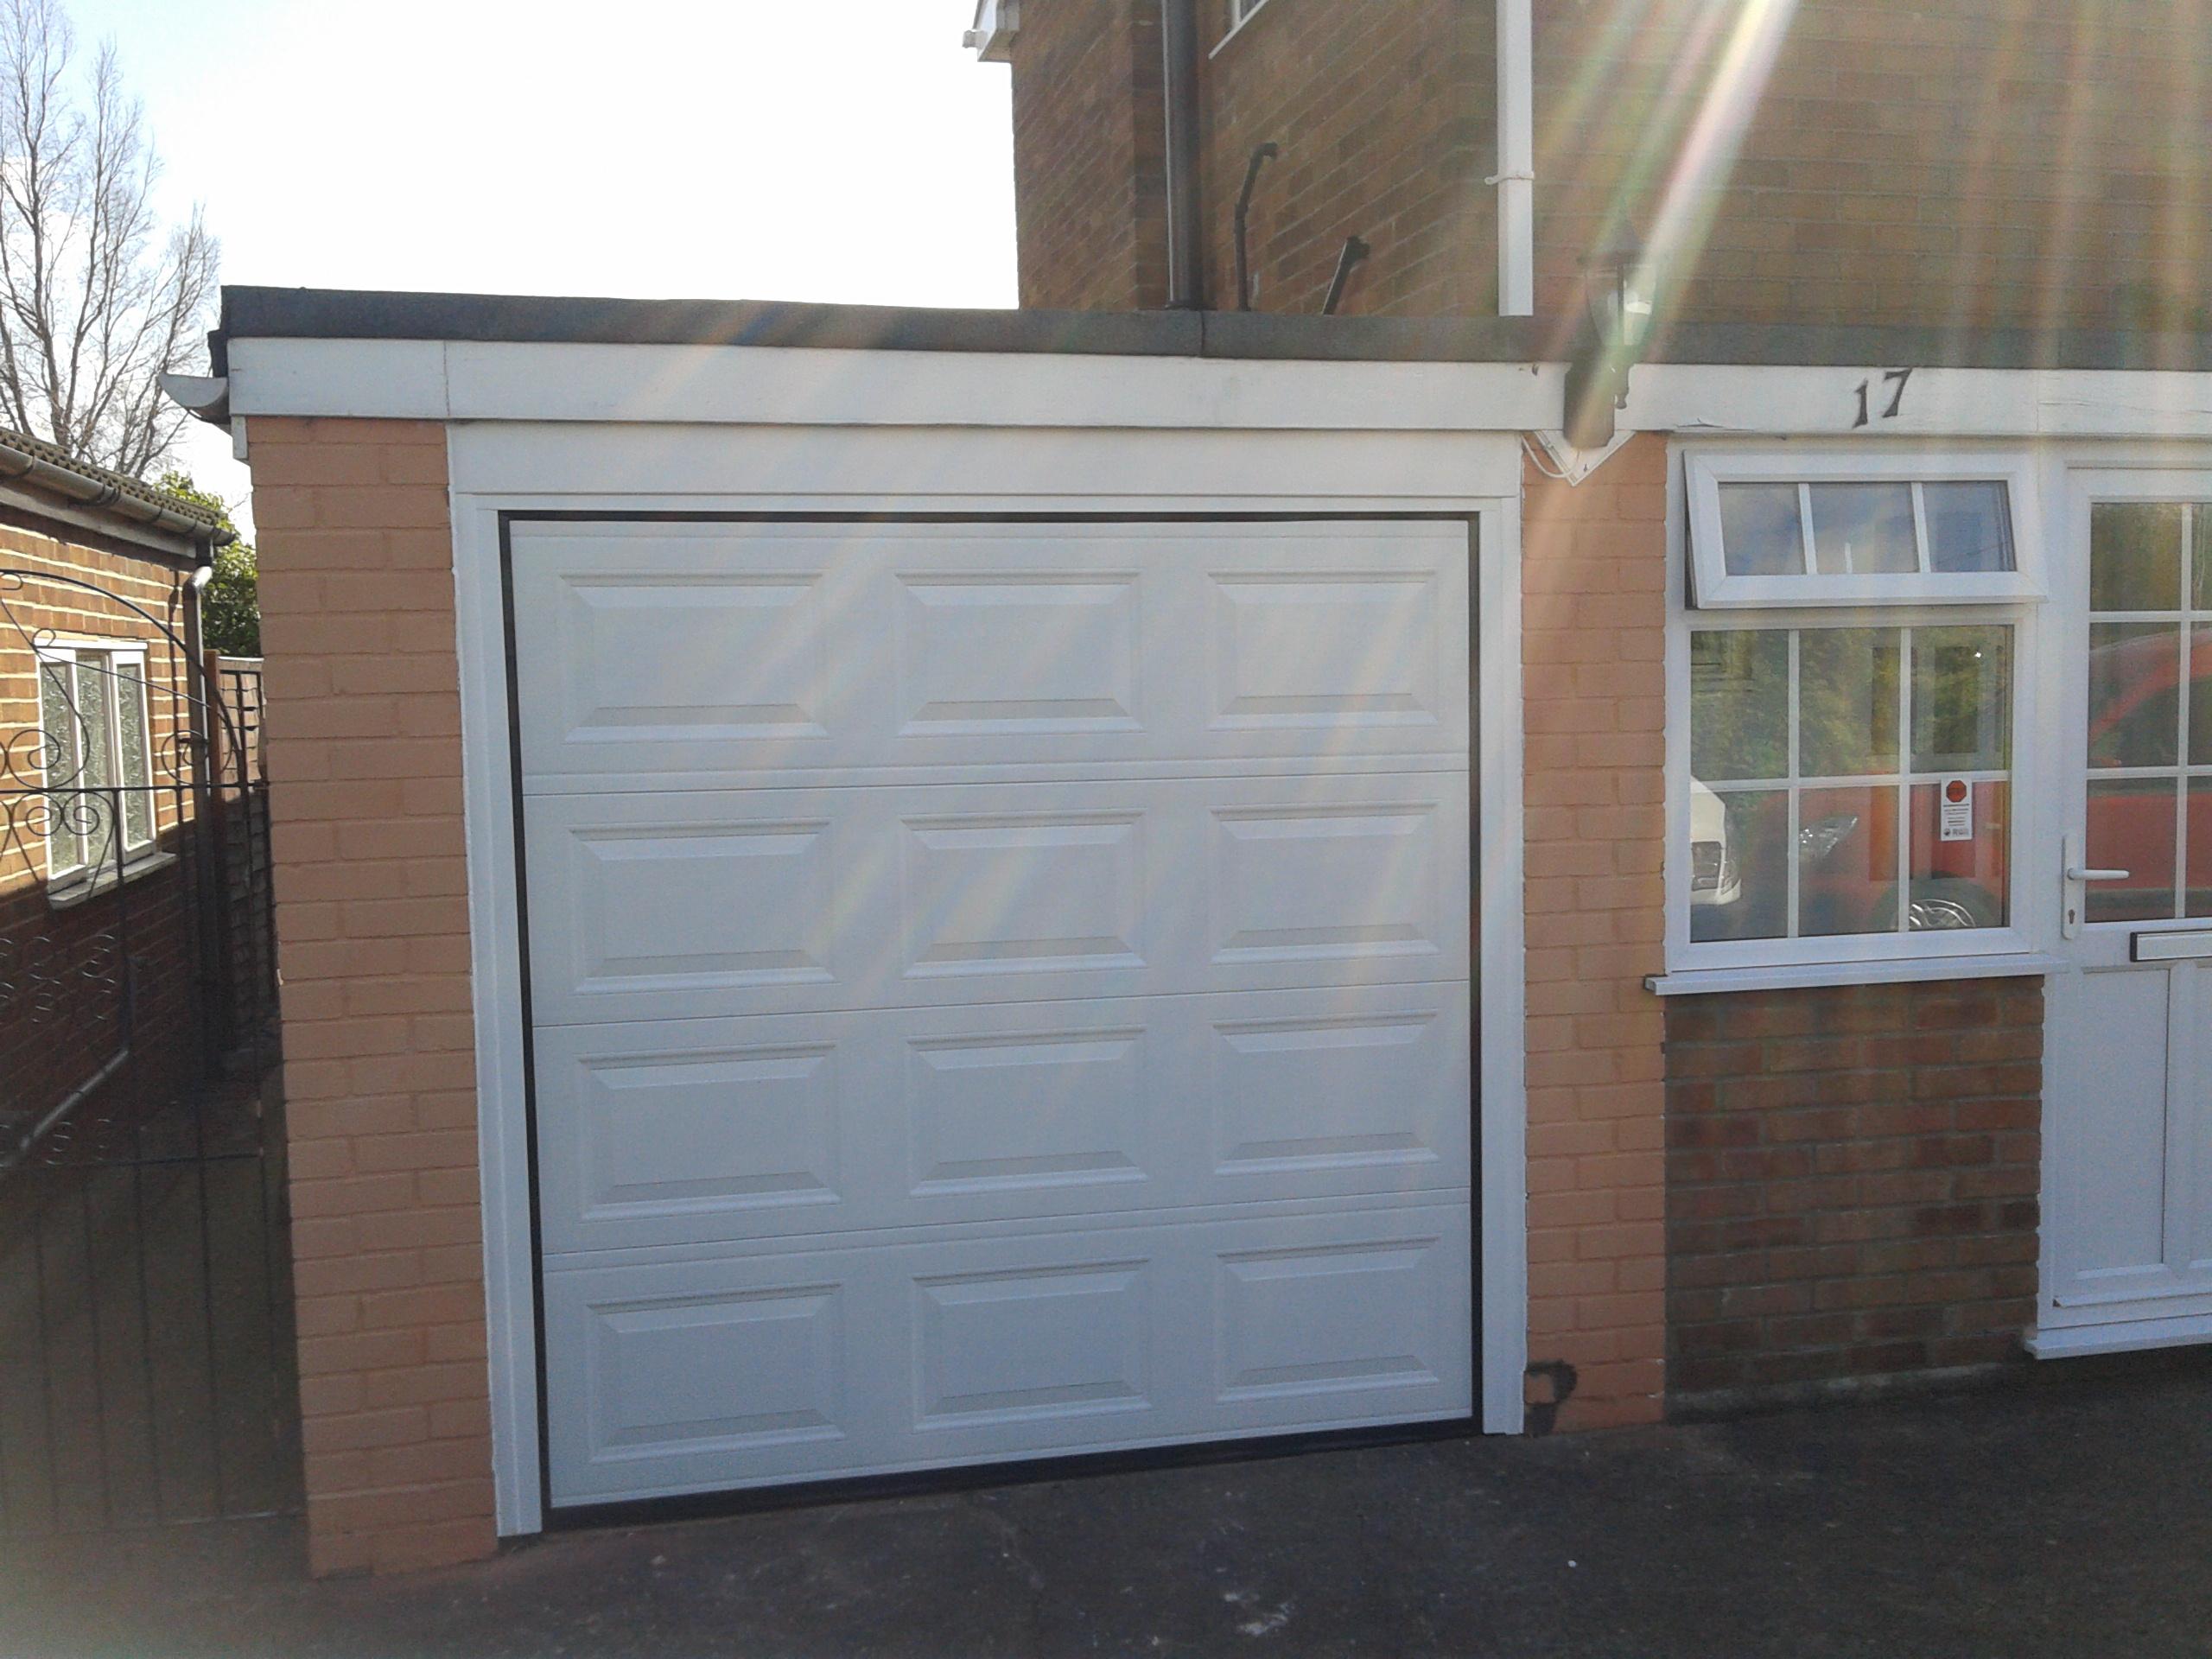 Automatic sectional garage door garage door company grantham automatic sectional garage door grantham rubansaba